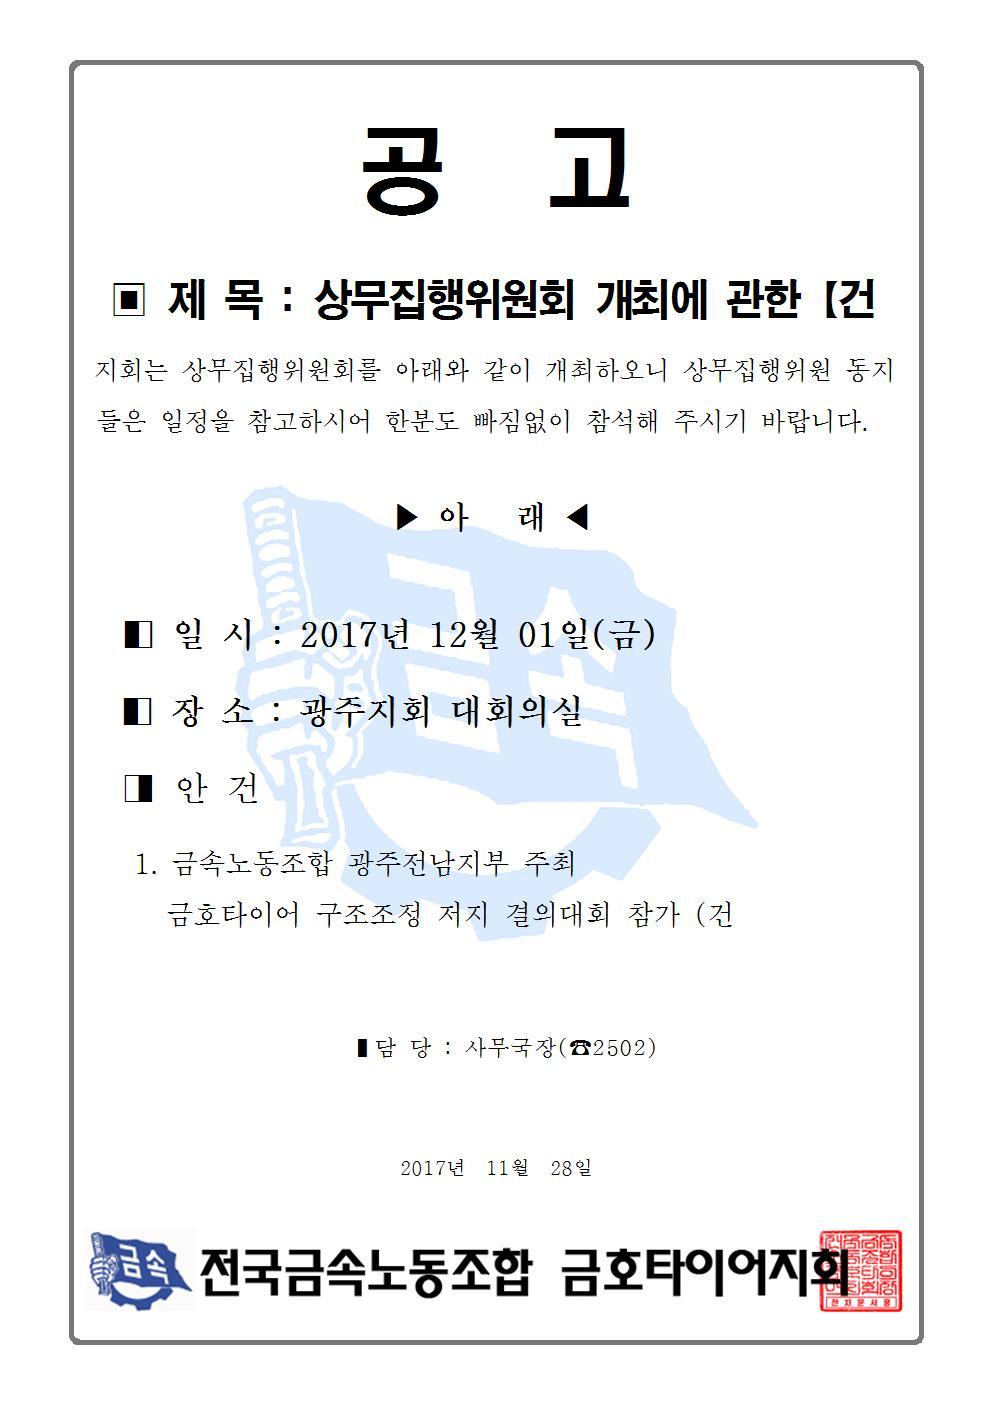 2차 상무집행위원회 소집 공고001.jpg